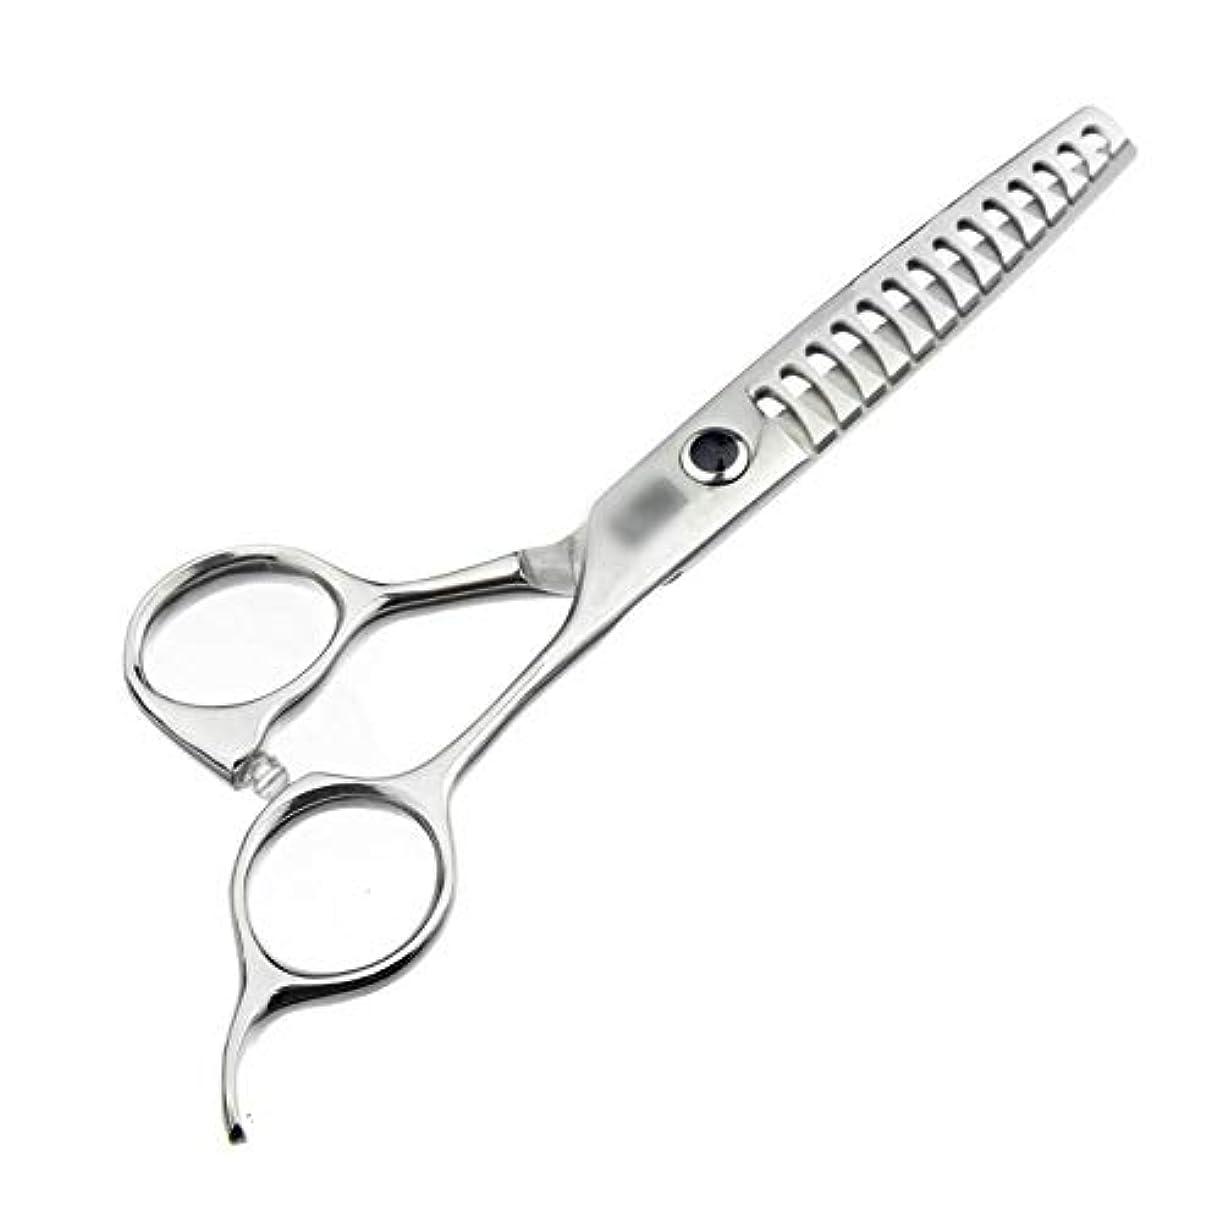 であることマディソンカエル理髪用はさみ 6インチハイエンド理髪はさみ、魚の骨はさみ、歯なしはさみヘアカットはさみステンレス理髪はさみ (色 : Silver)